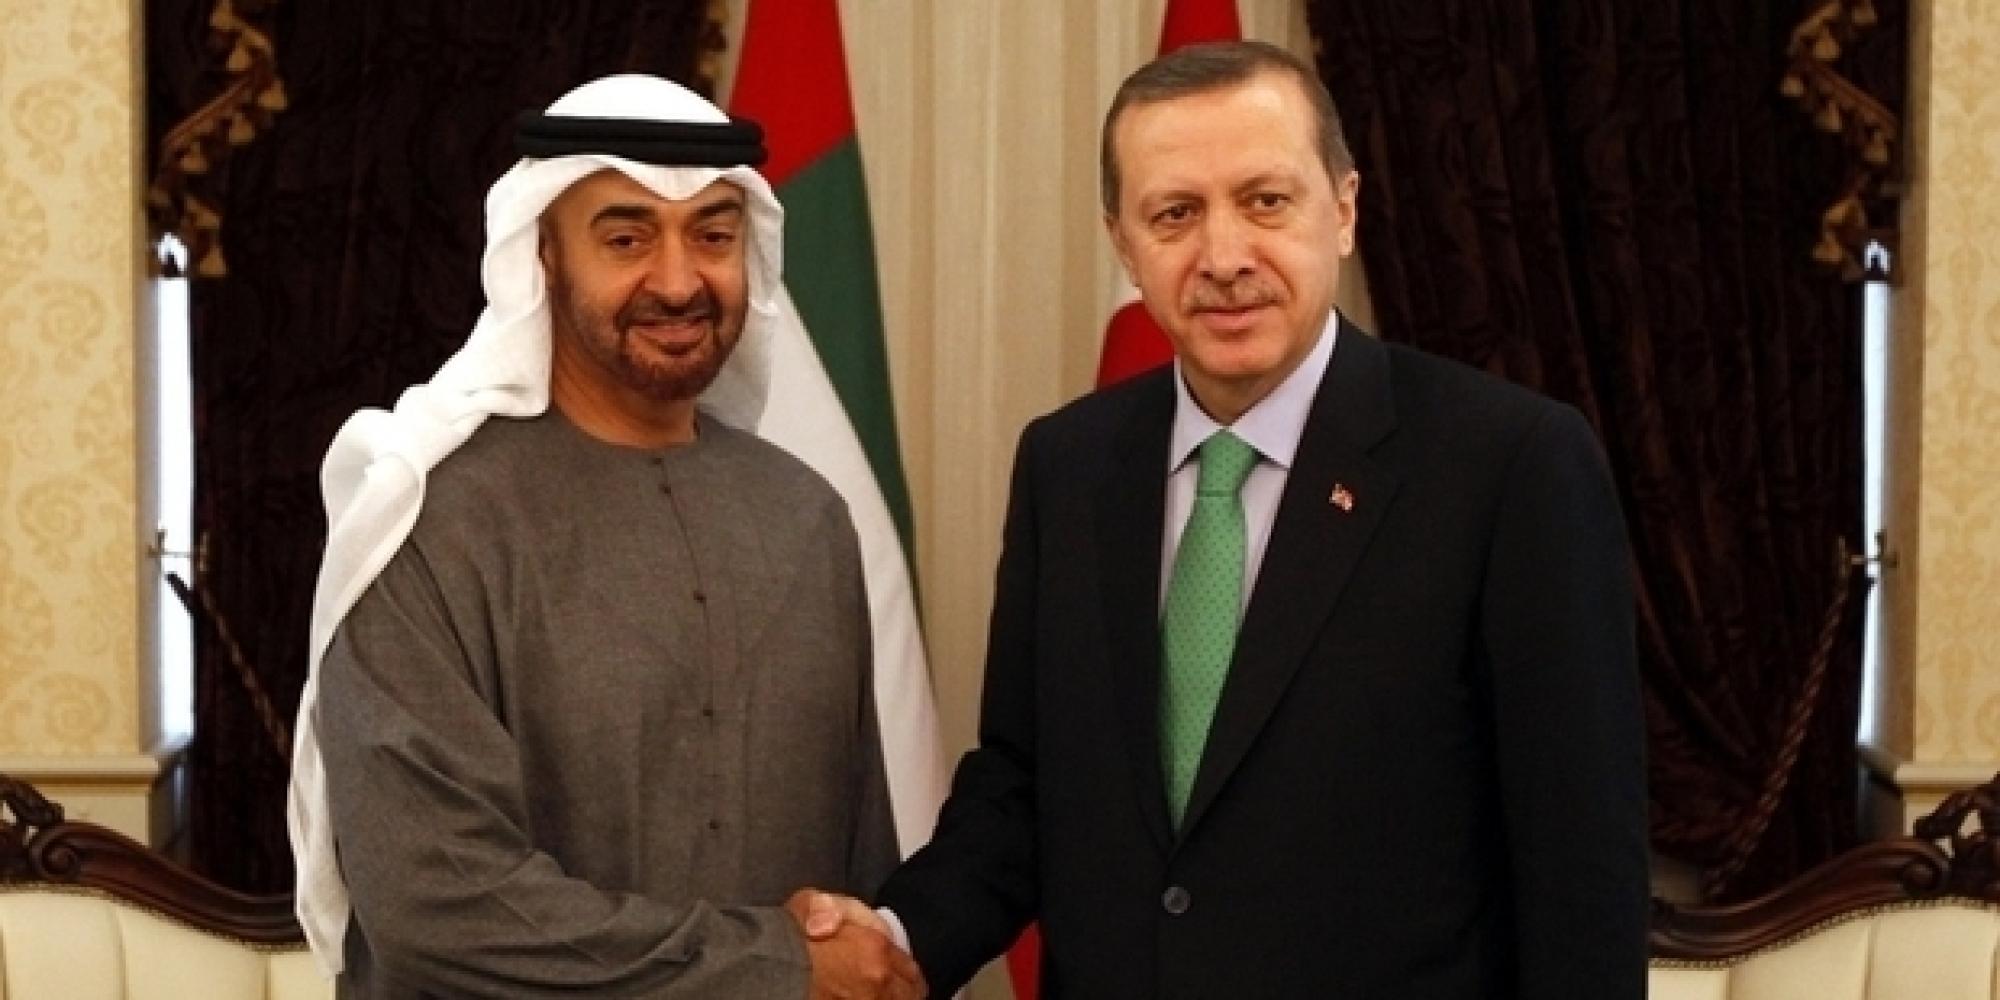 ميديل إيست آي: أبوظبي عرضت على أنقرة تسليم بعض الإخوان المسلمين مقابل أعضاء من جماعة غولن وبقاء القاعدة التركية في قطر